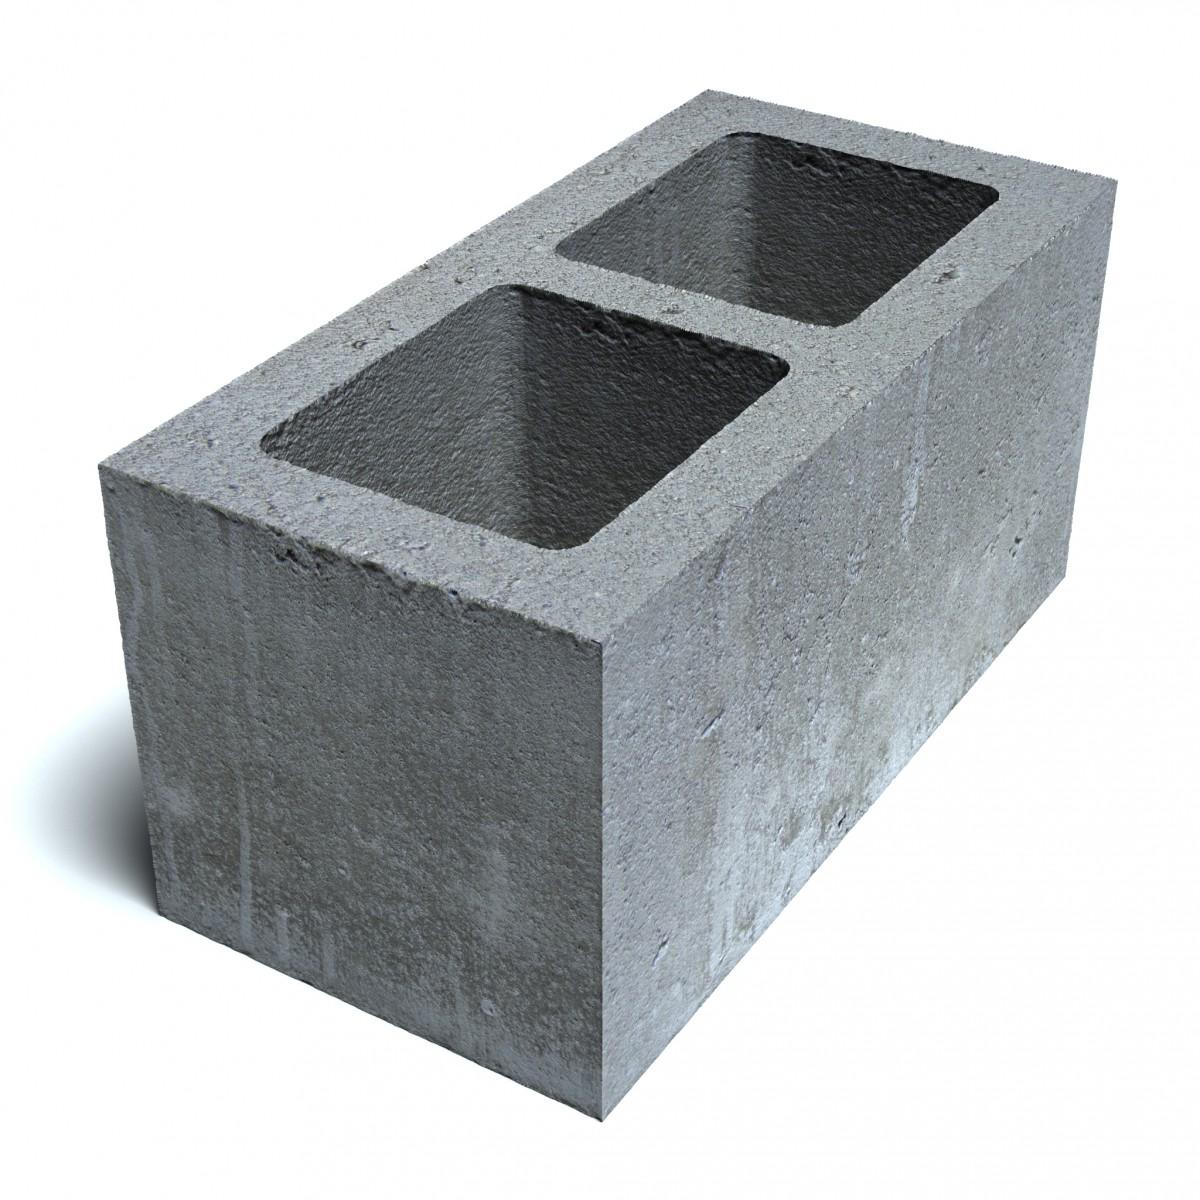 Блок стеновой пескобетонный 2-х пустотный СКM-1.12, 1.13 КСЛ-ПР-ПС-39-100-F50-1210